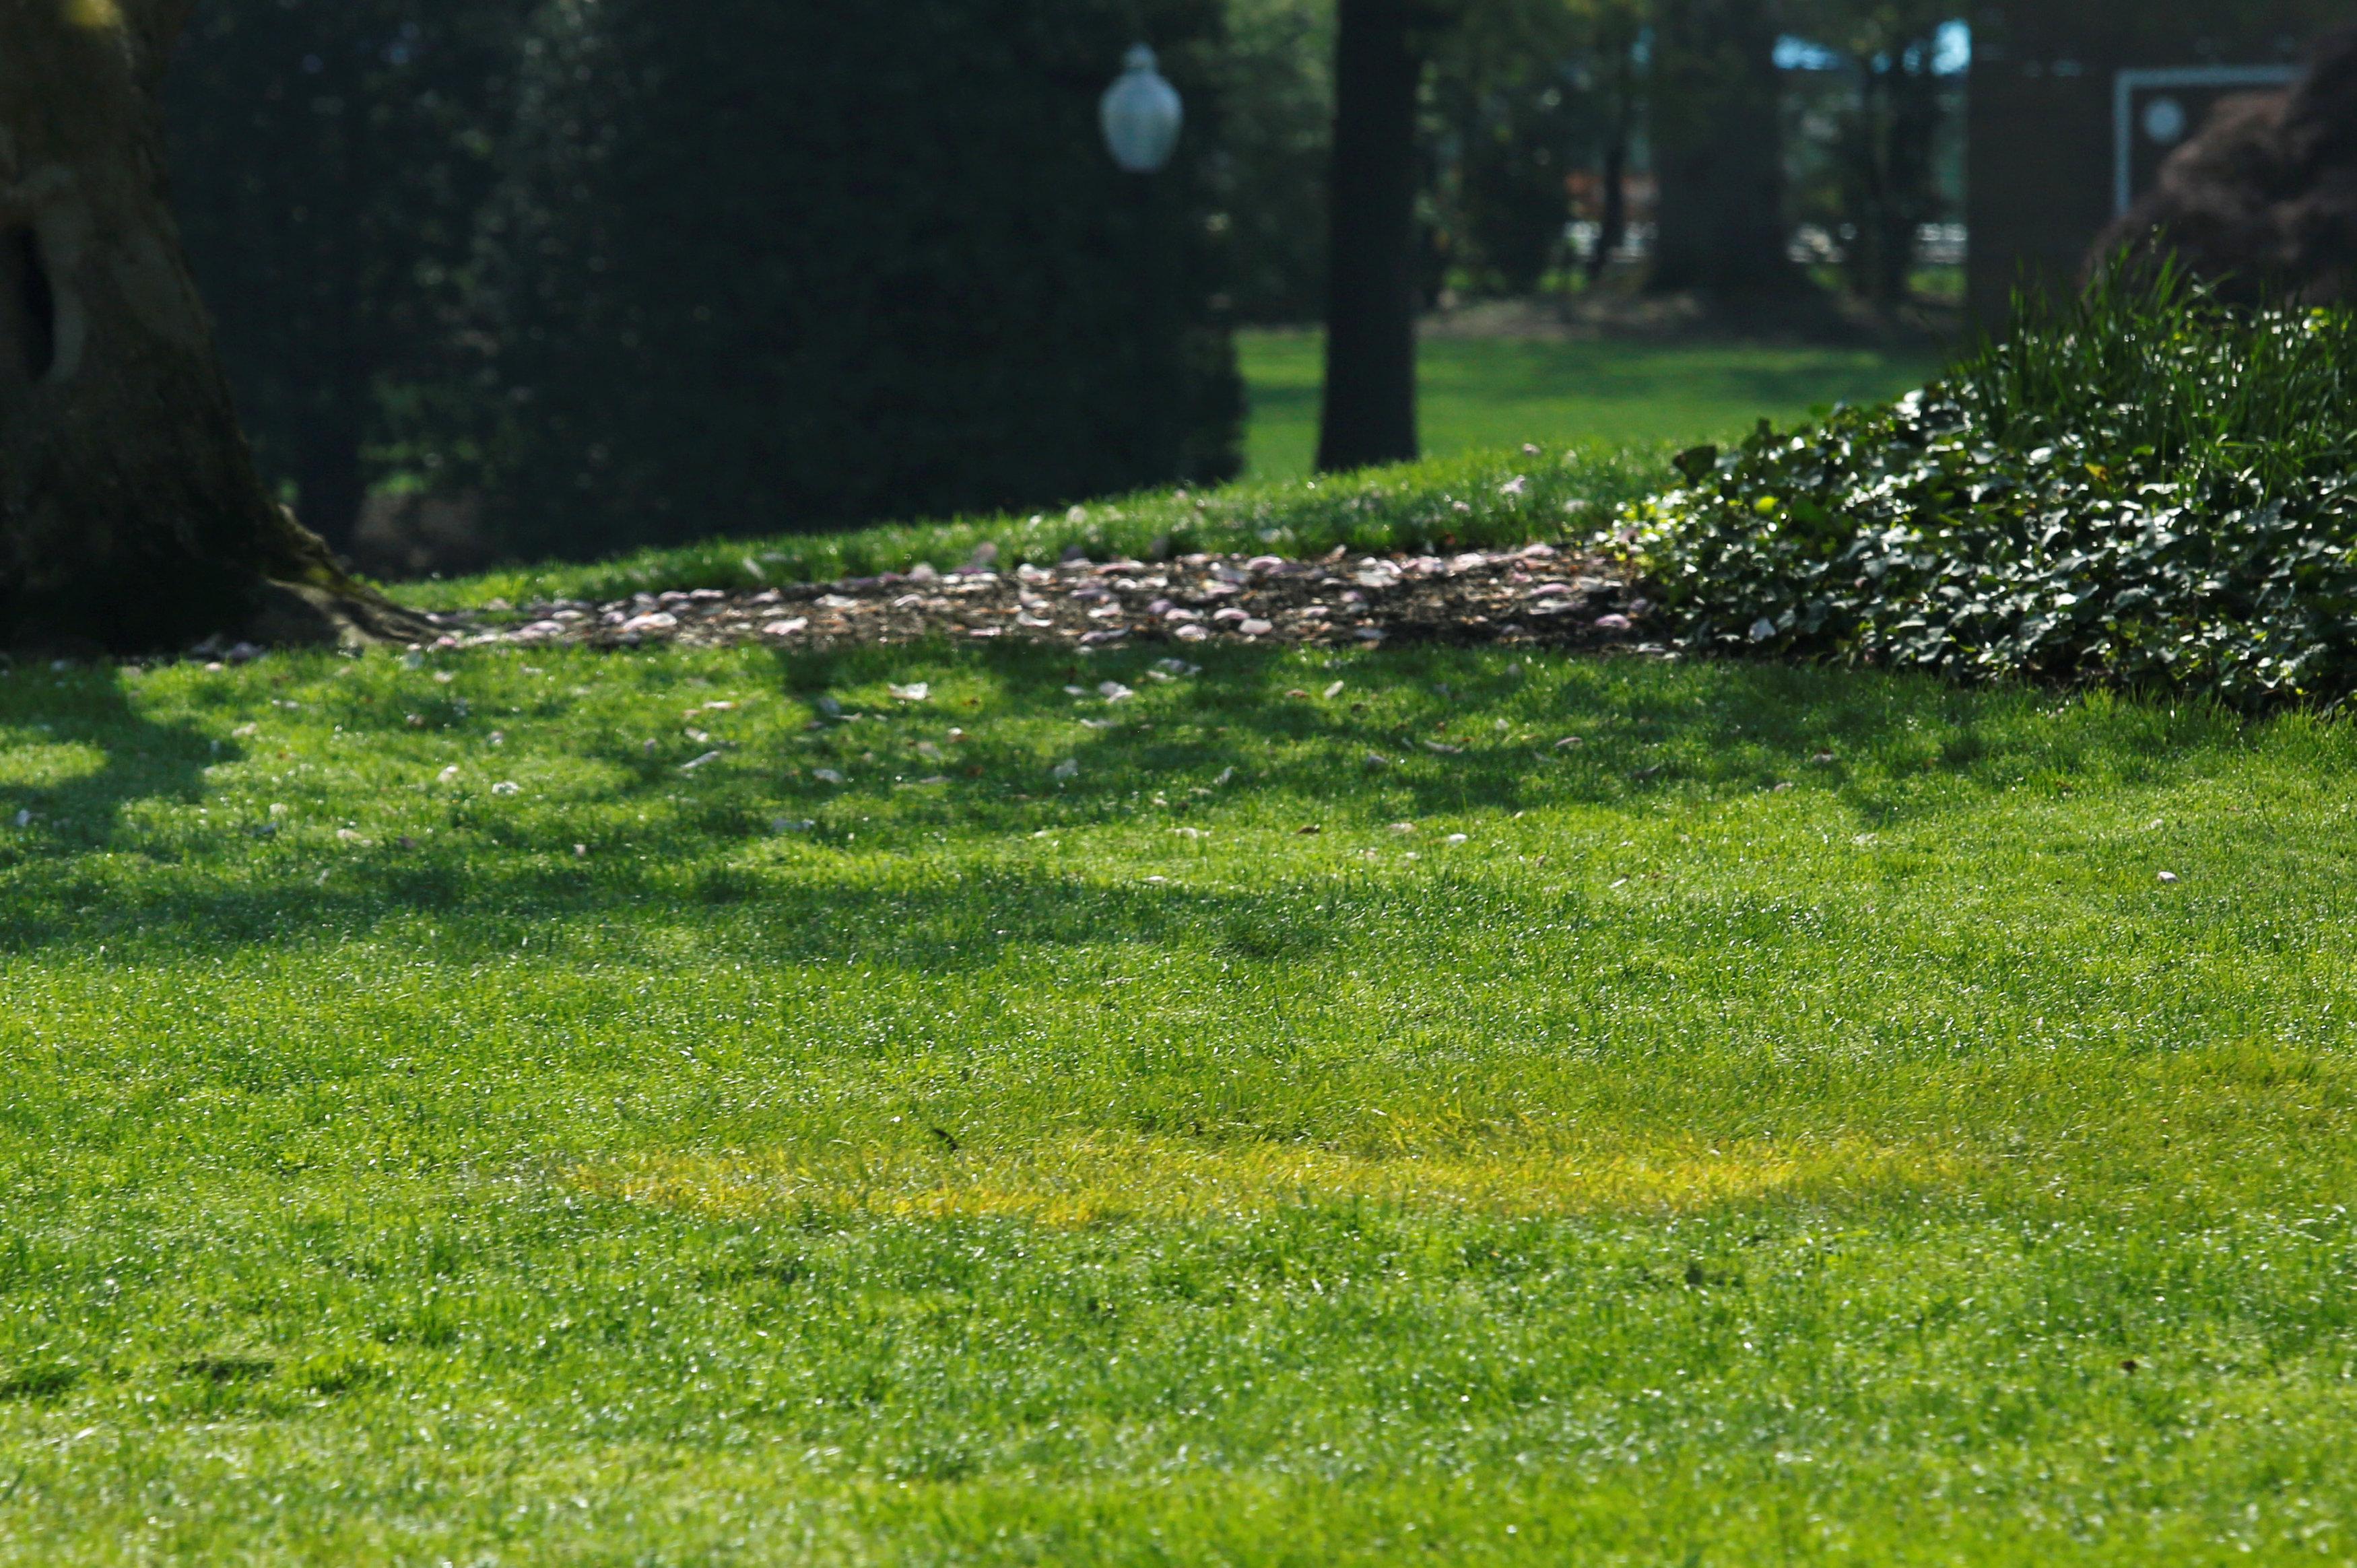 Una mancha amarilla en el lugar en el que debería estar el roble, que provenía de un bosque del norte de Francia en el que unos 2.000 marines estadounidenses murieron durante la Primera Guerra Mundial (REUTERS/Yuri Gripas)